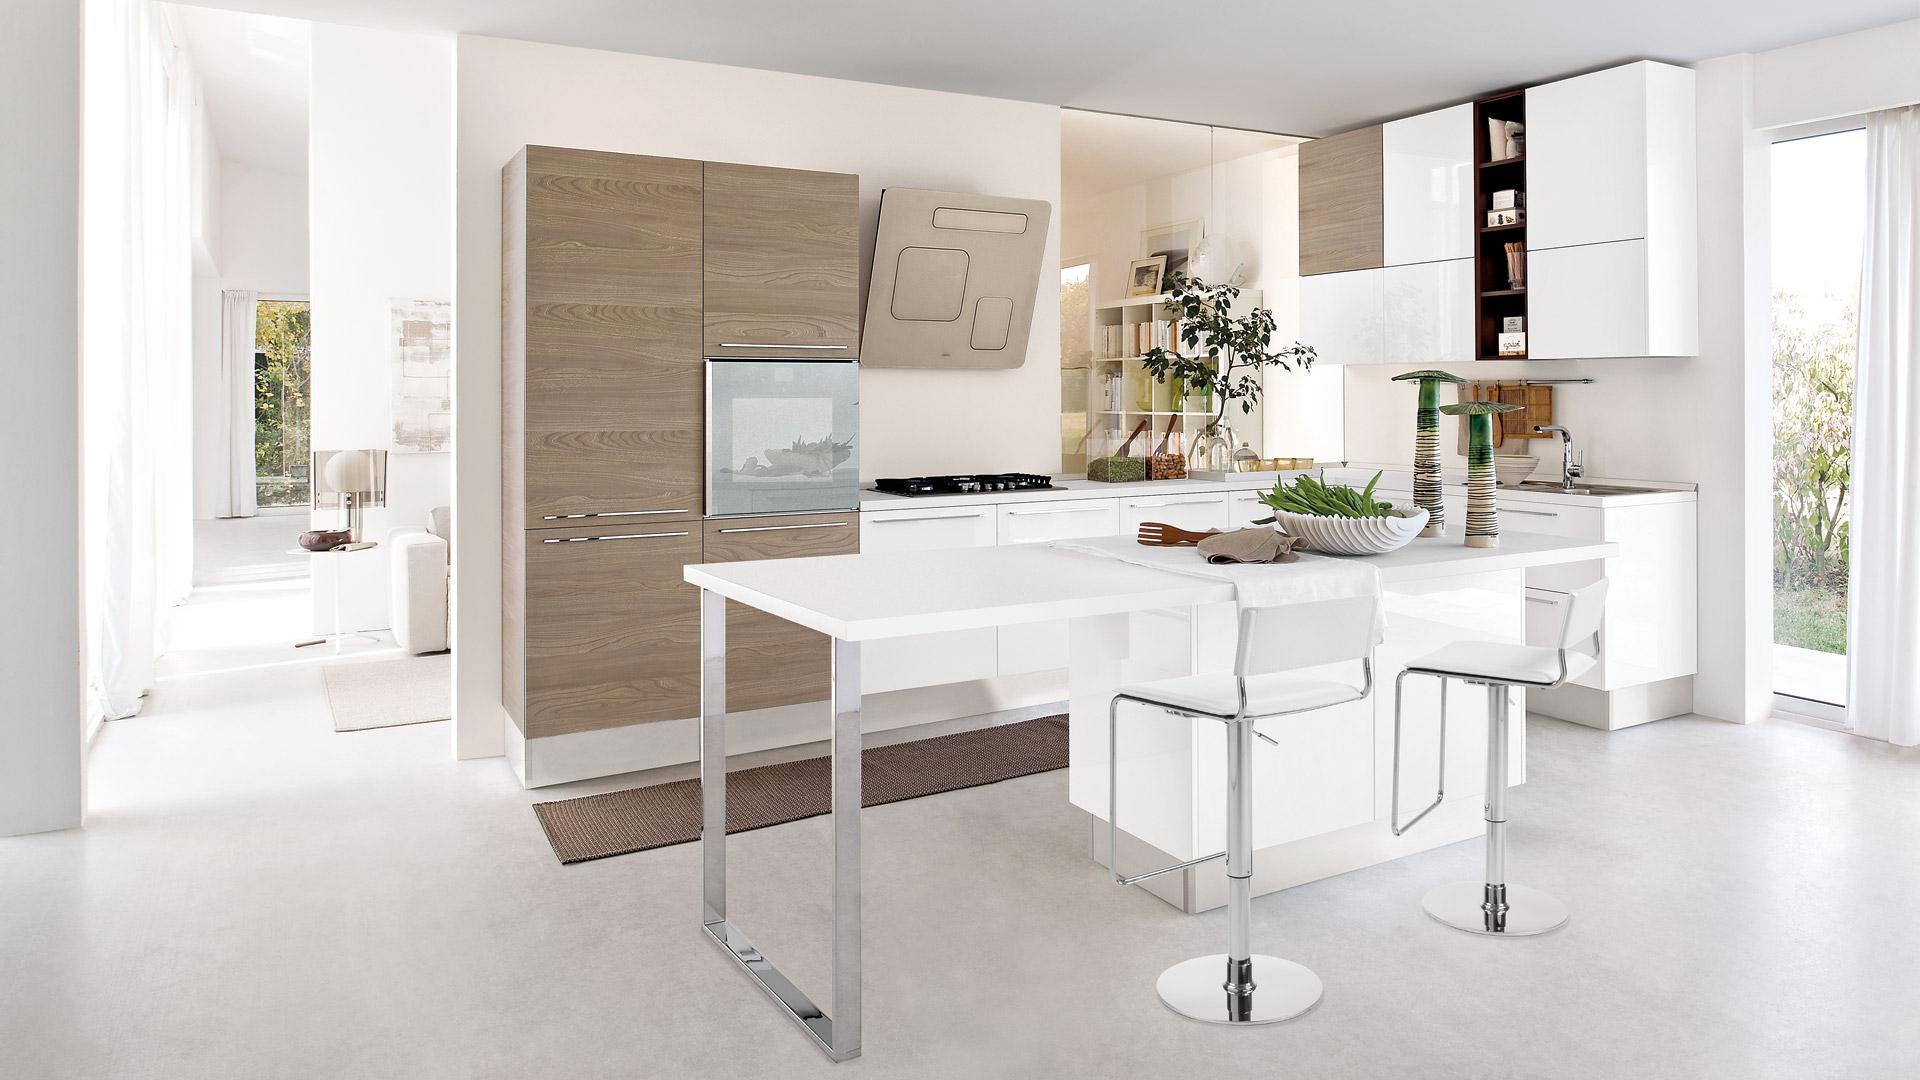 Mobili Per Cucina Piccola cucina piccola, 5 consigli per farla sembrare più grande e